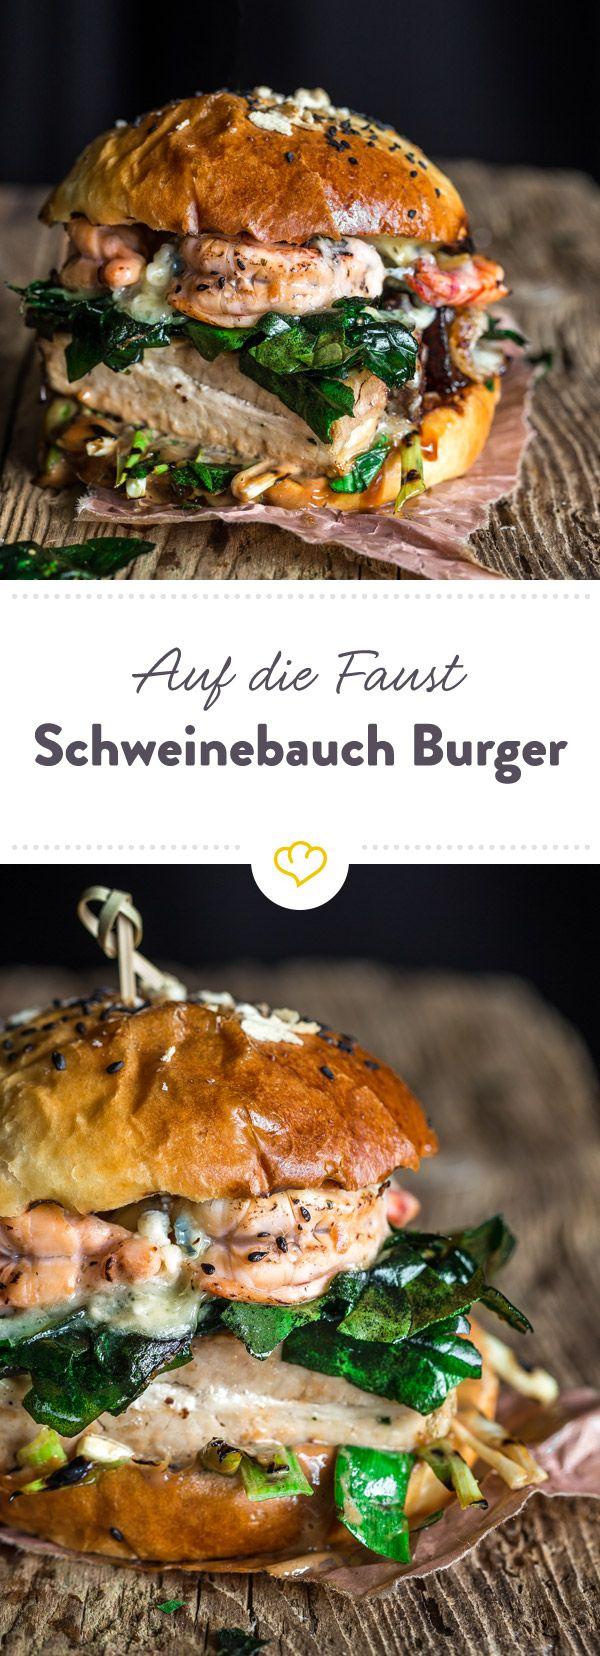 Der König der Burger ist mit Sous Vide Schweinebauch, Garnelen, frittiertem Spinat, Blue Stilton und Hoisin Mayo belegt. Einfach unwiderstehlich lecker.